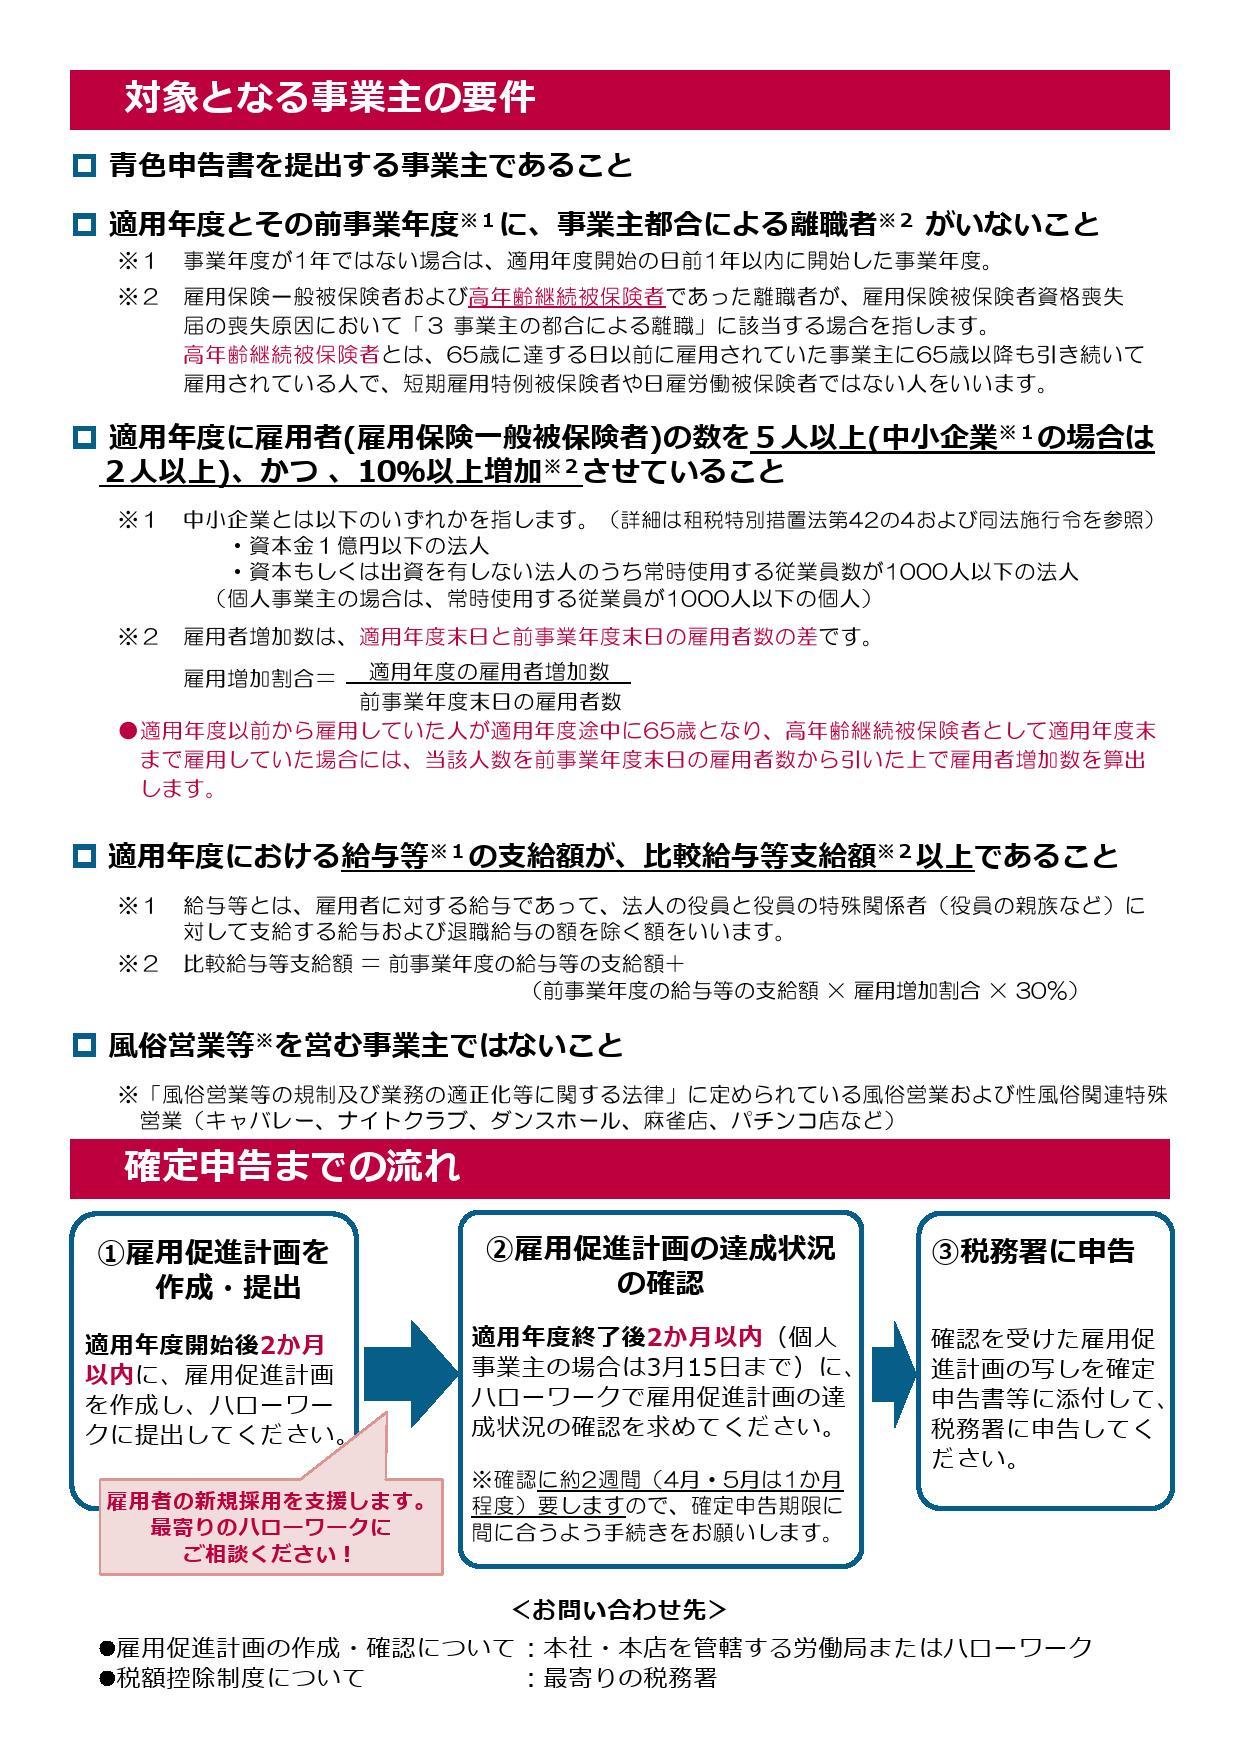 koyousokushinzei_01_leaf0002